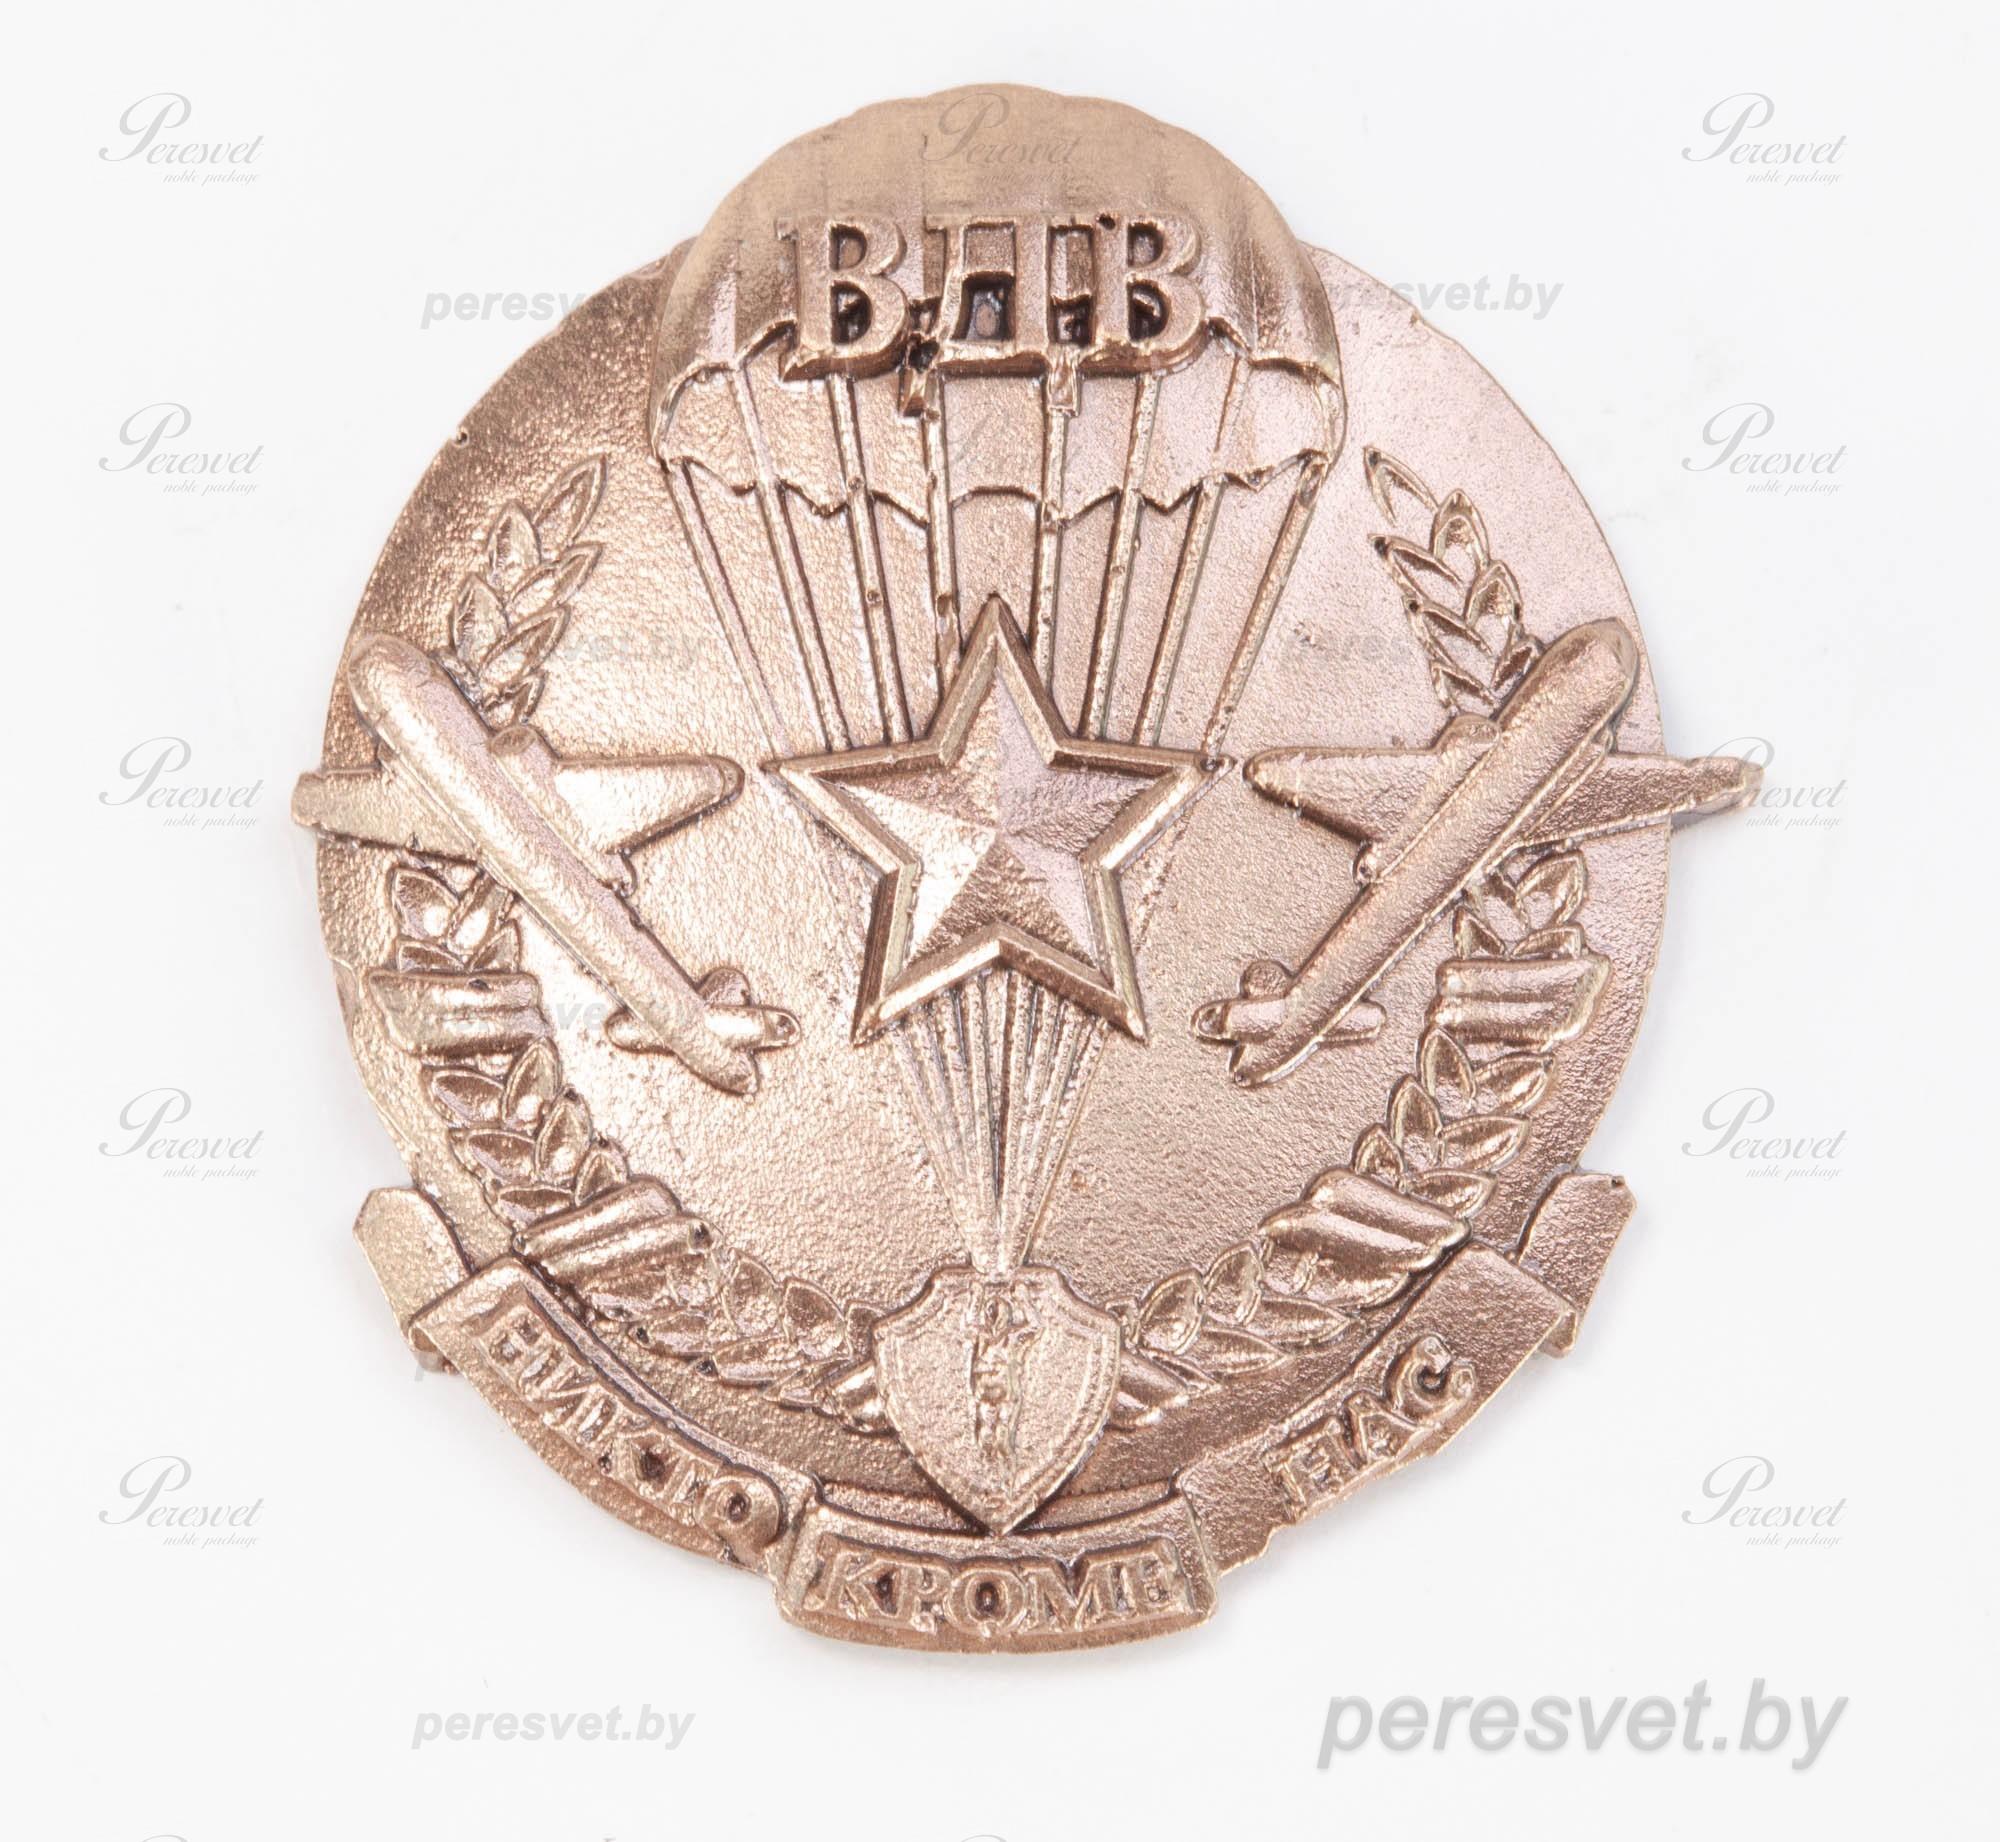 Бронзовый знак ВДВ художественное литьё на peresvet.by